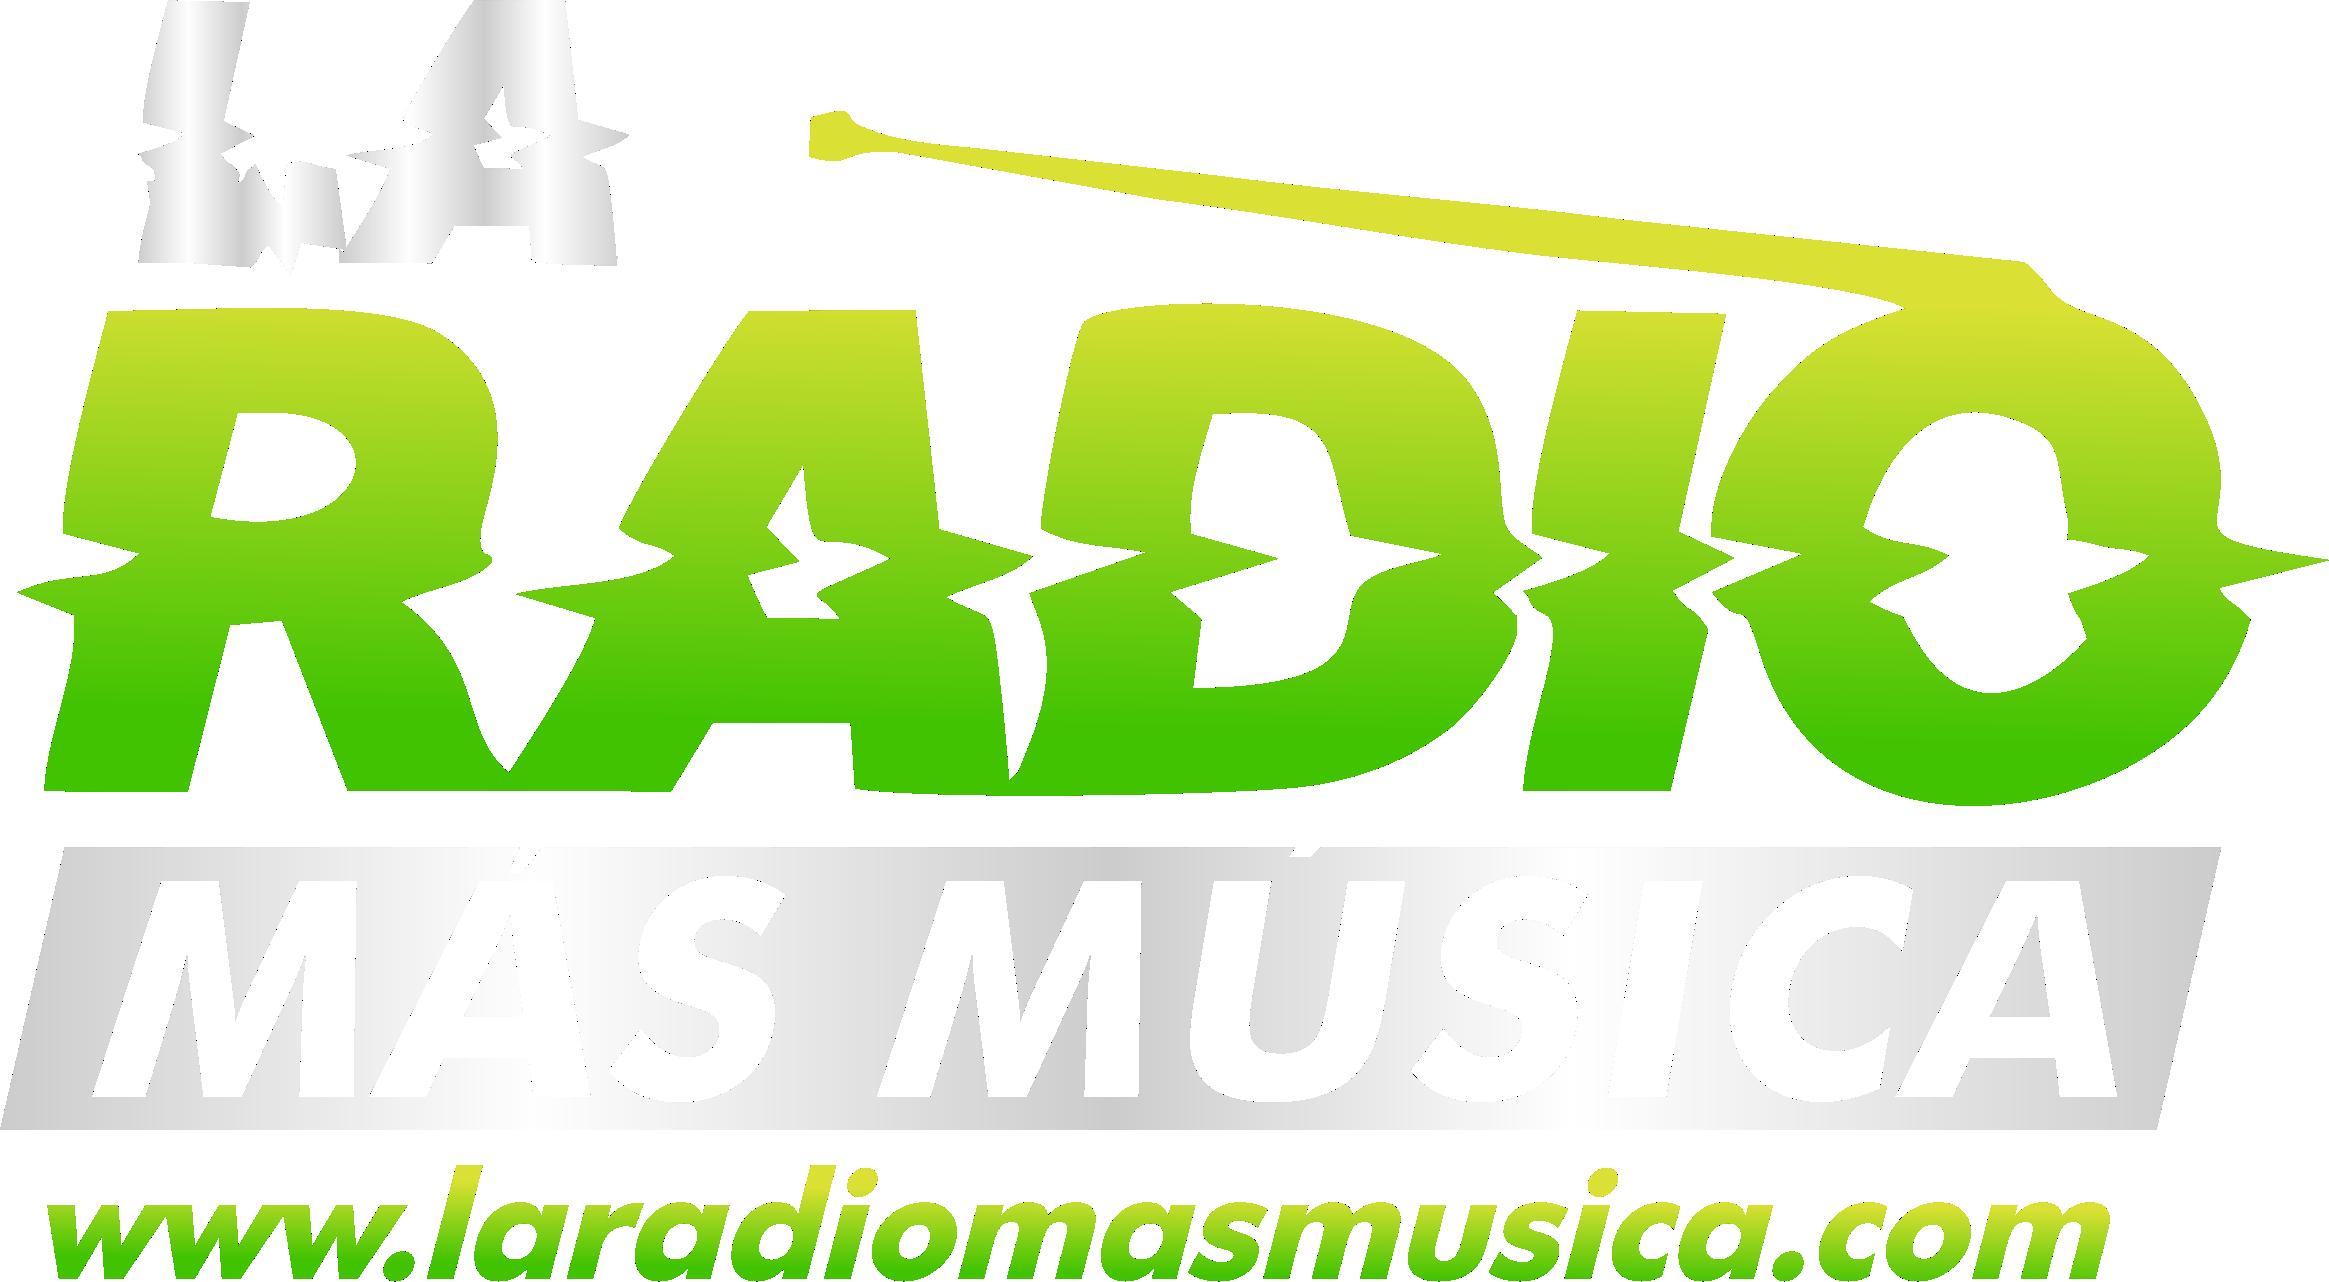 La Radio Más Música